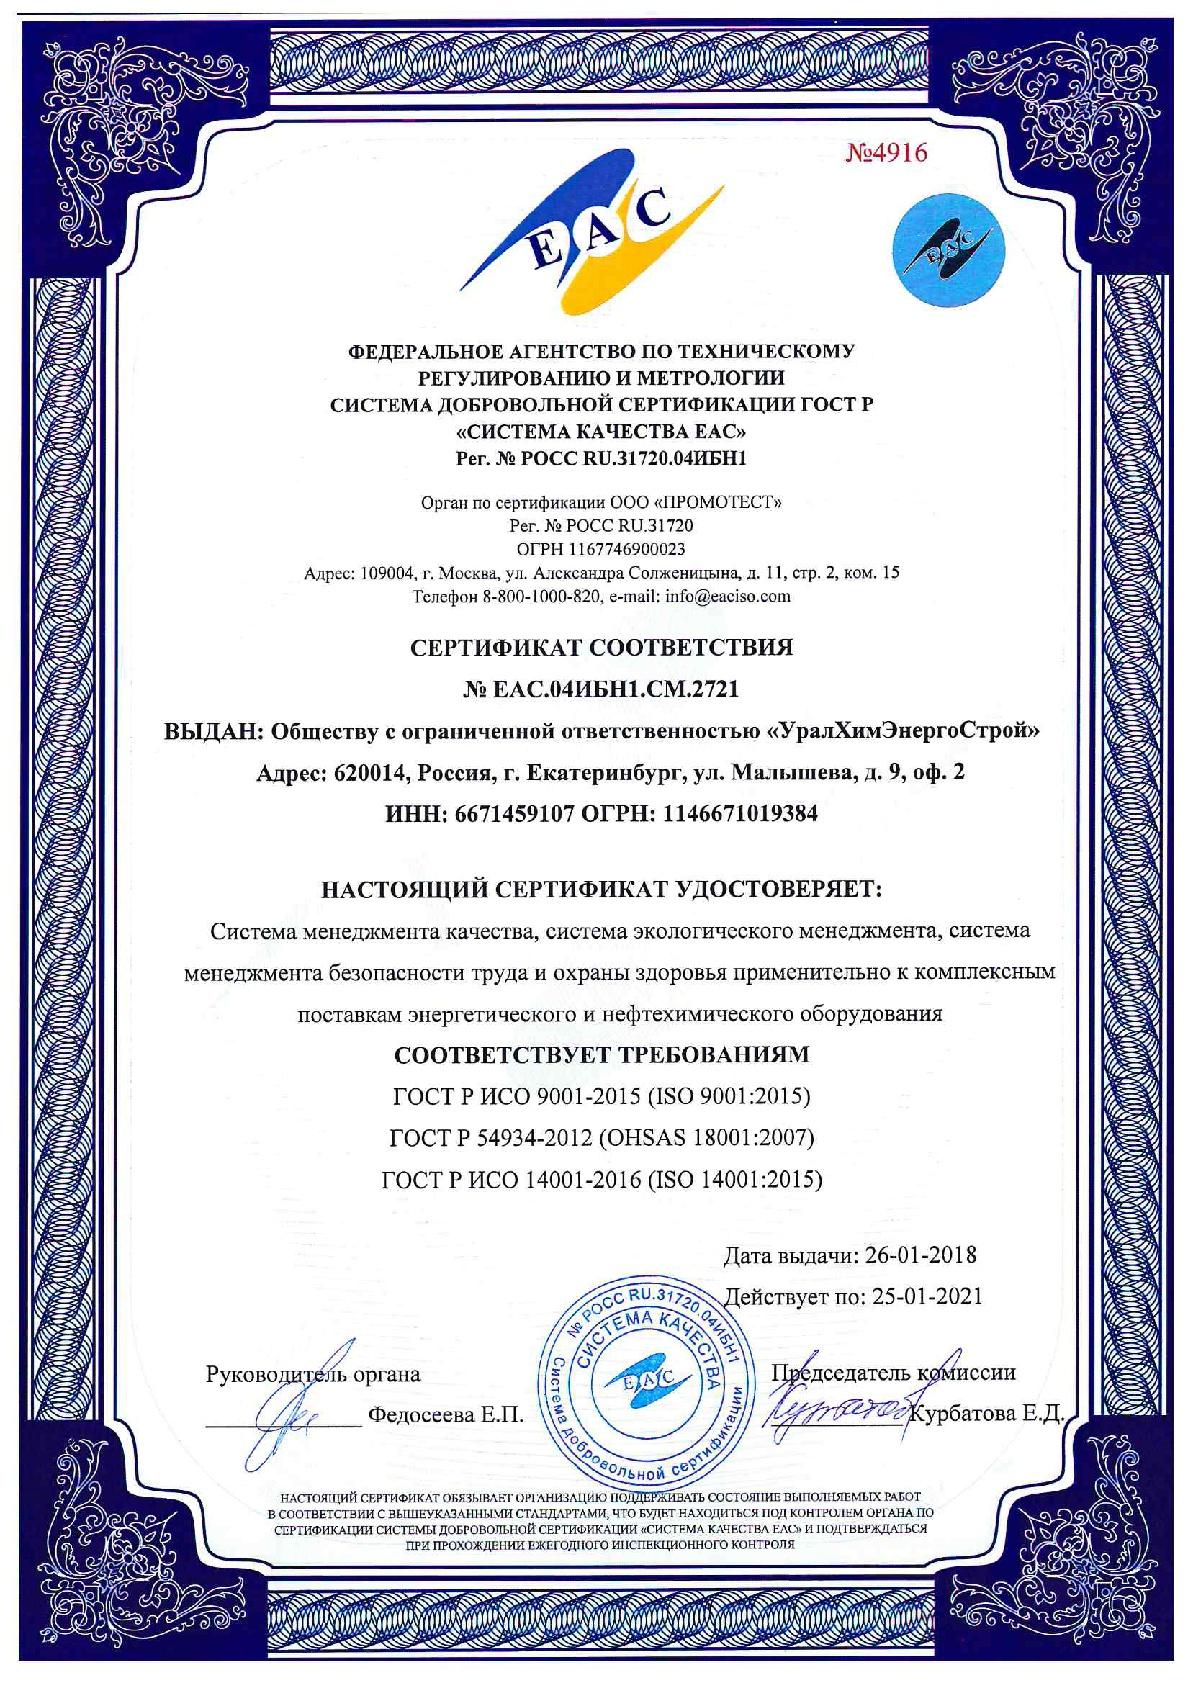 Сертификат соответствия OHSAS 18001:2007